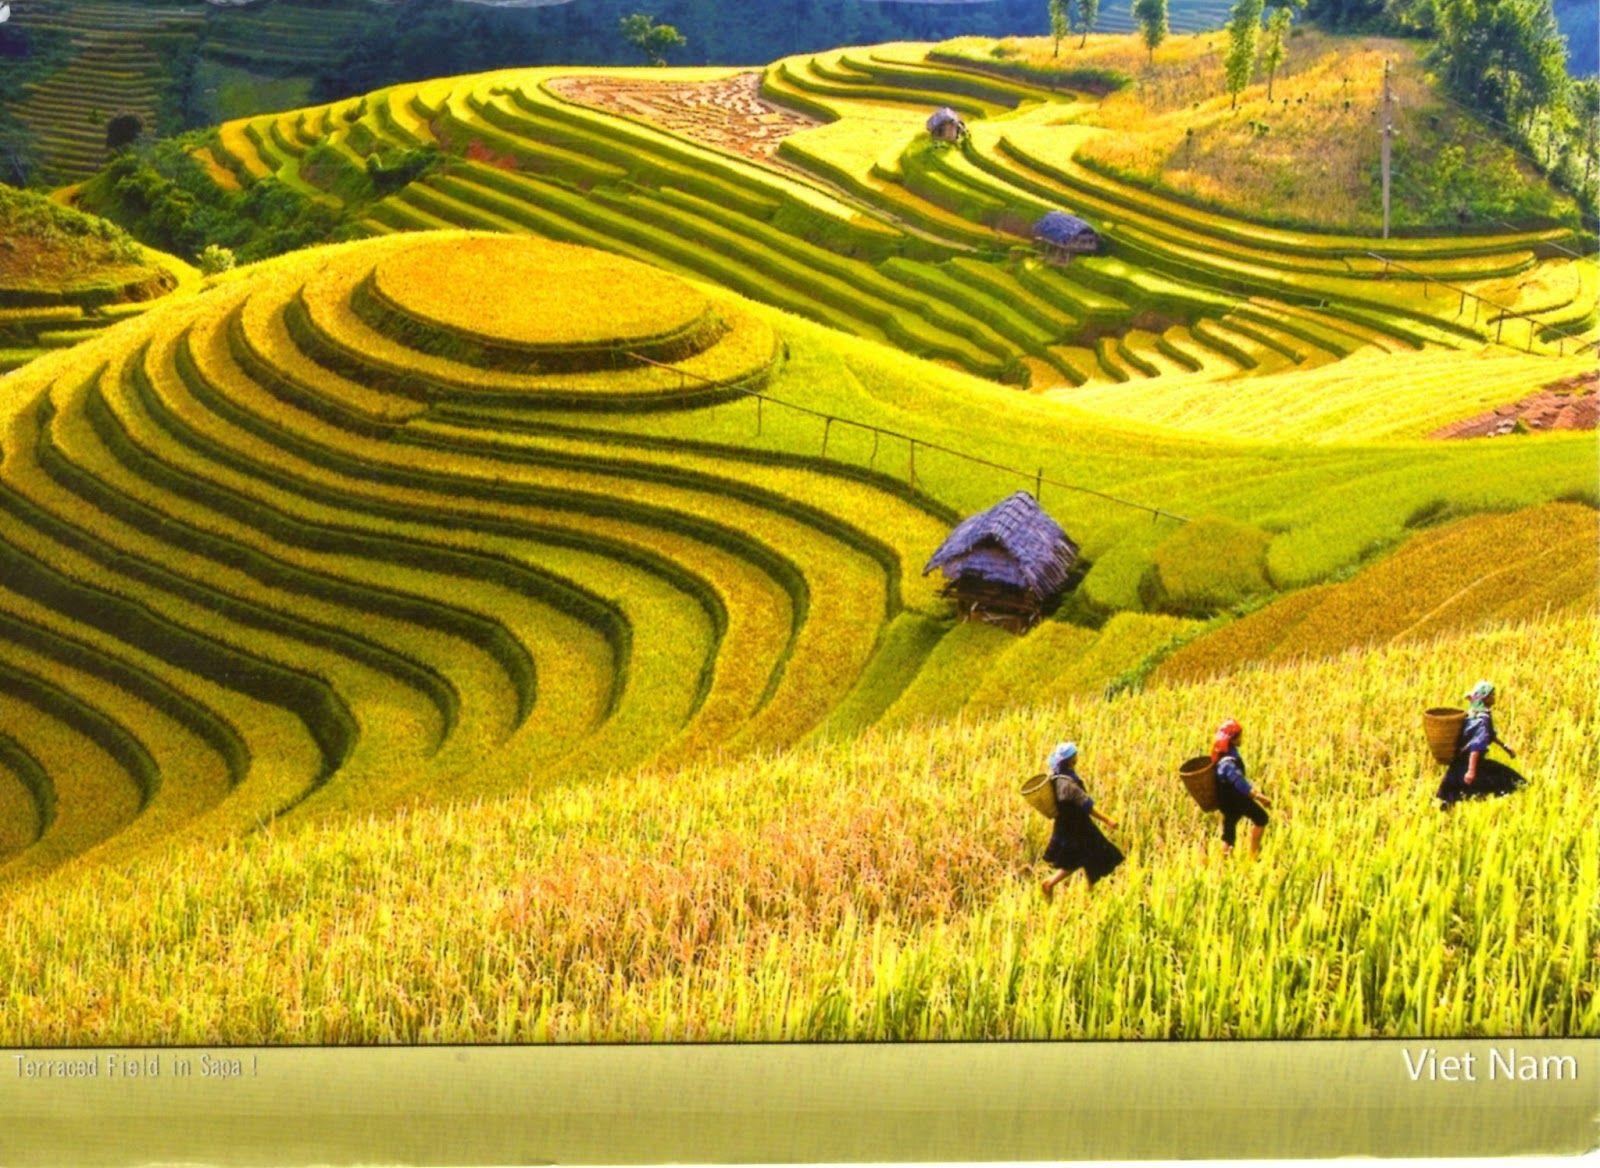 Ha noi Vietnam: http://www.hivietnam.vn/ha-noi/ Tạp chí dành riêng cho phái mạnh: http://him.vn/ Mua tên miền rẻ: http://inet.vn/dang-ky-ten-mien.html